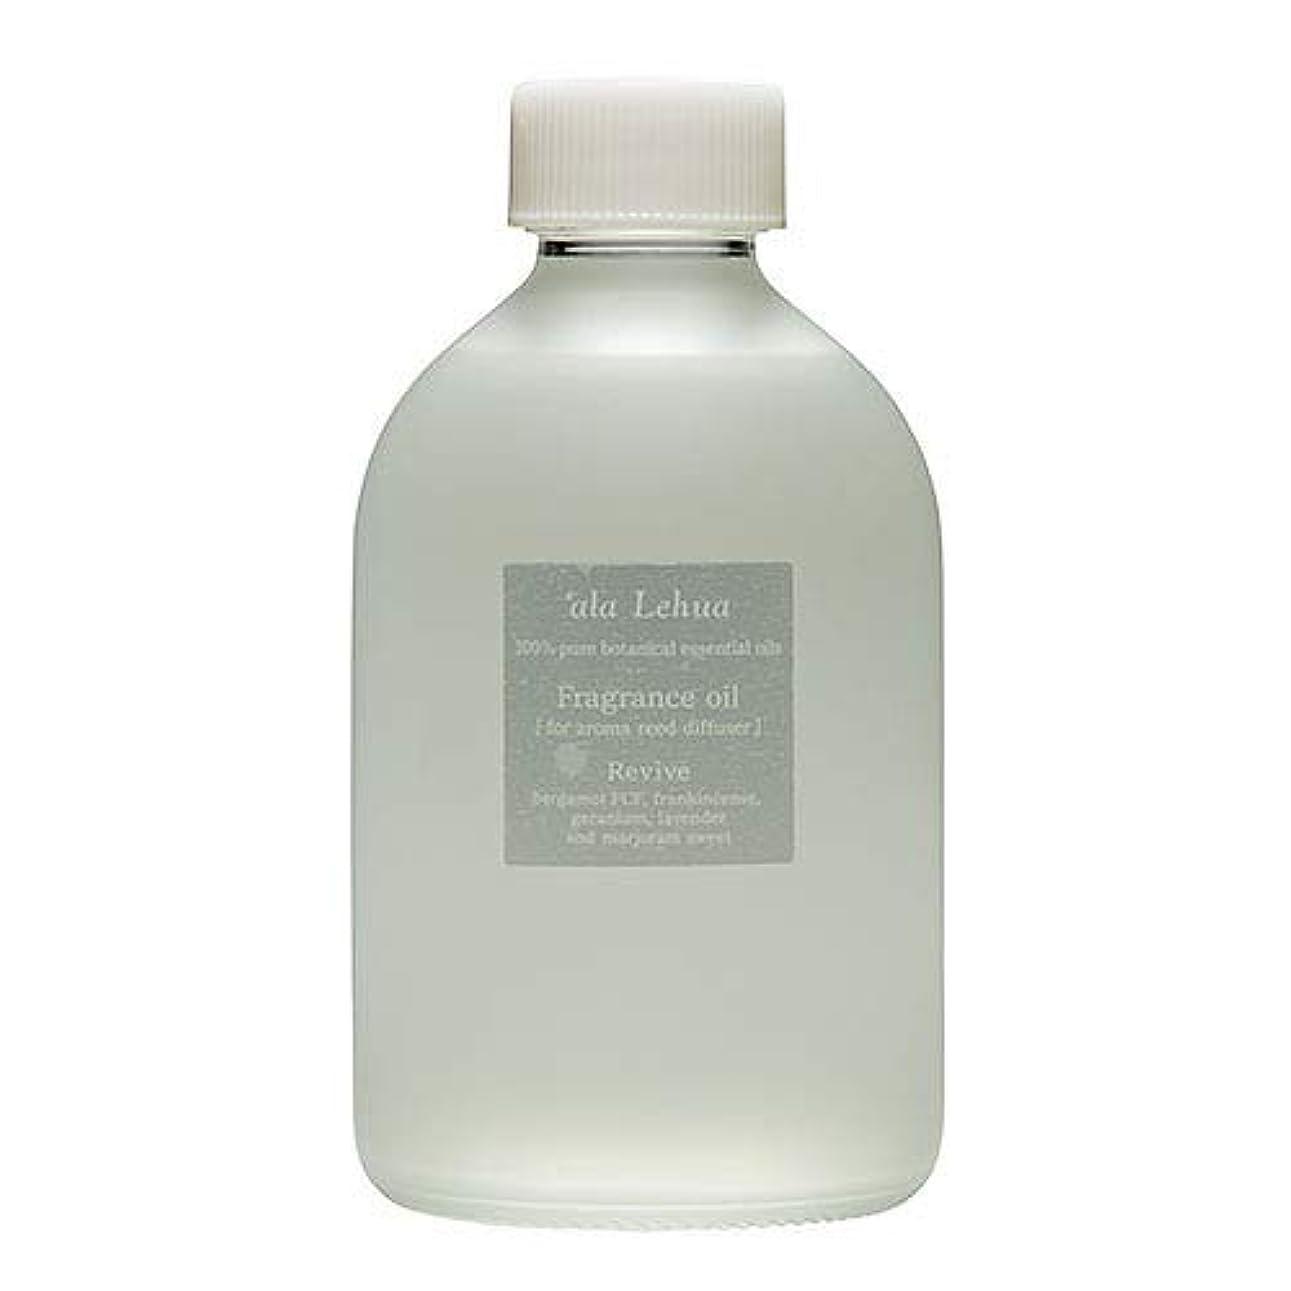 シャープ化学薬品統合`ala Lehua (アラレフア) フレグランスオイル 250ml revive